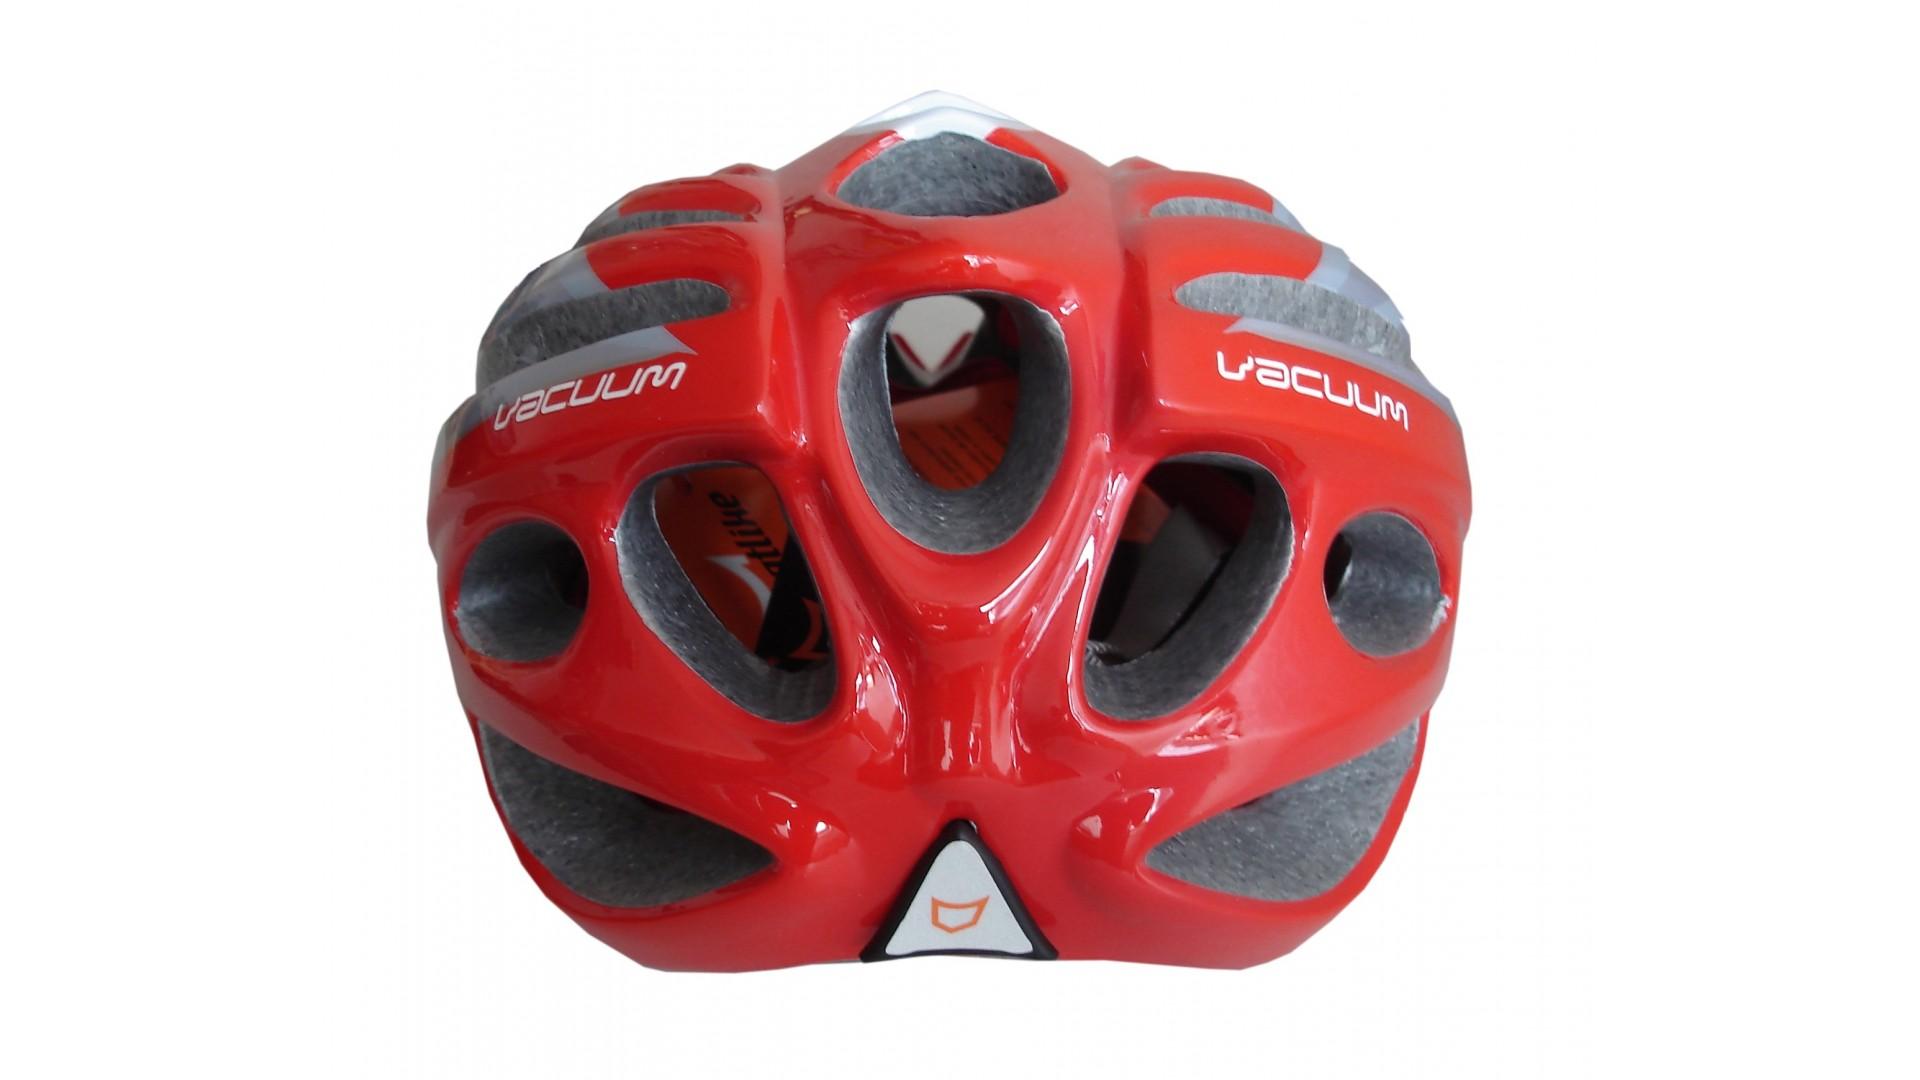 Велошлем Catlike Vacuum Blanco Plata Rojo